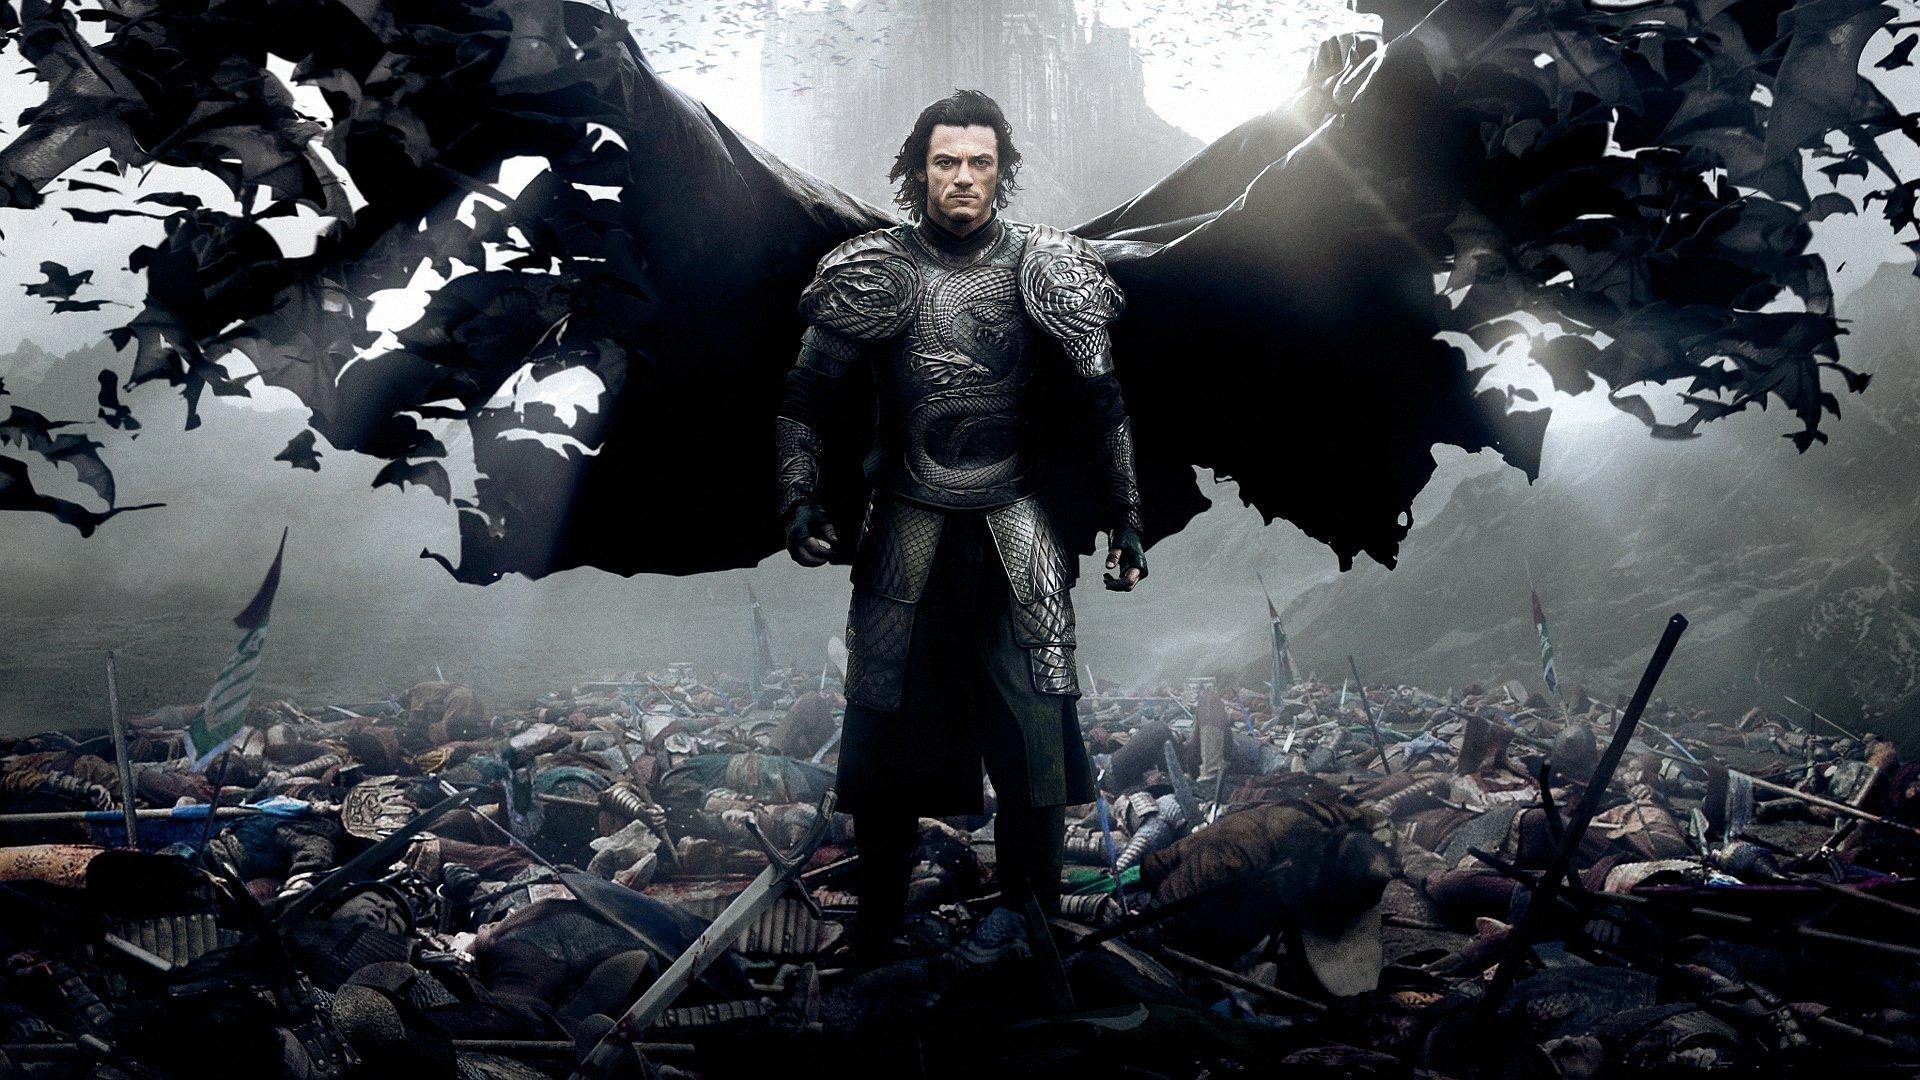 รีวิว Dracular Untold : อีกด้านของจอมมารร้าย – KWANMANIE